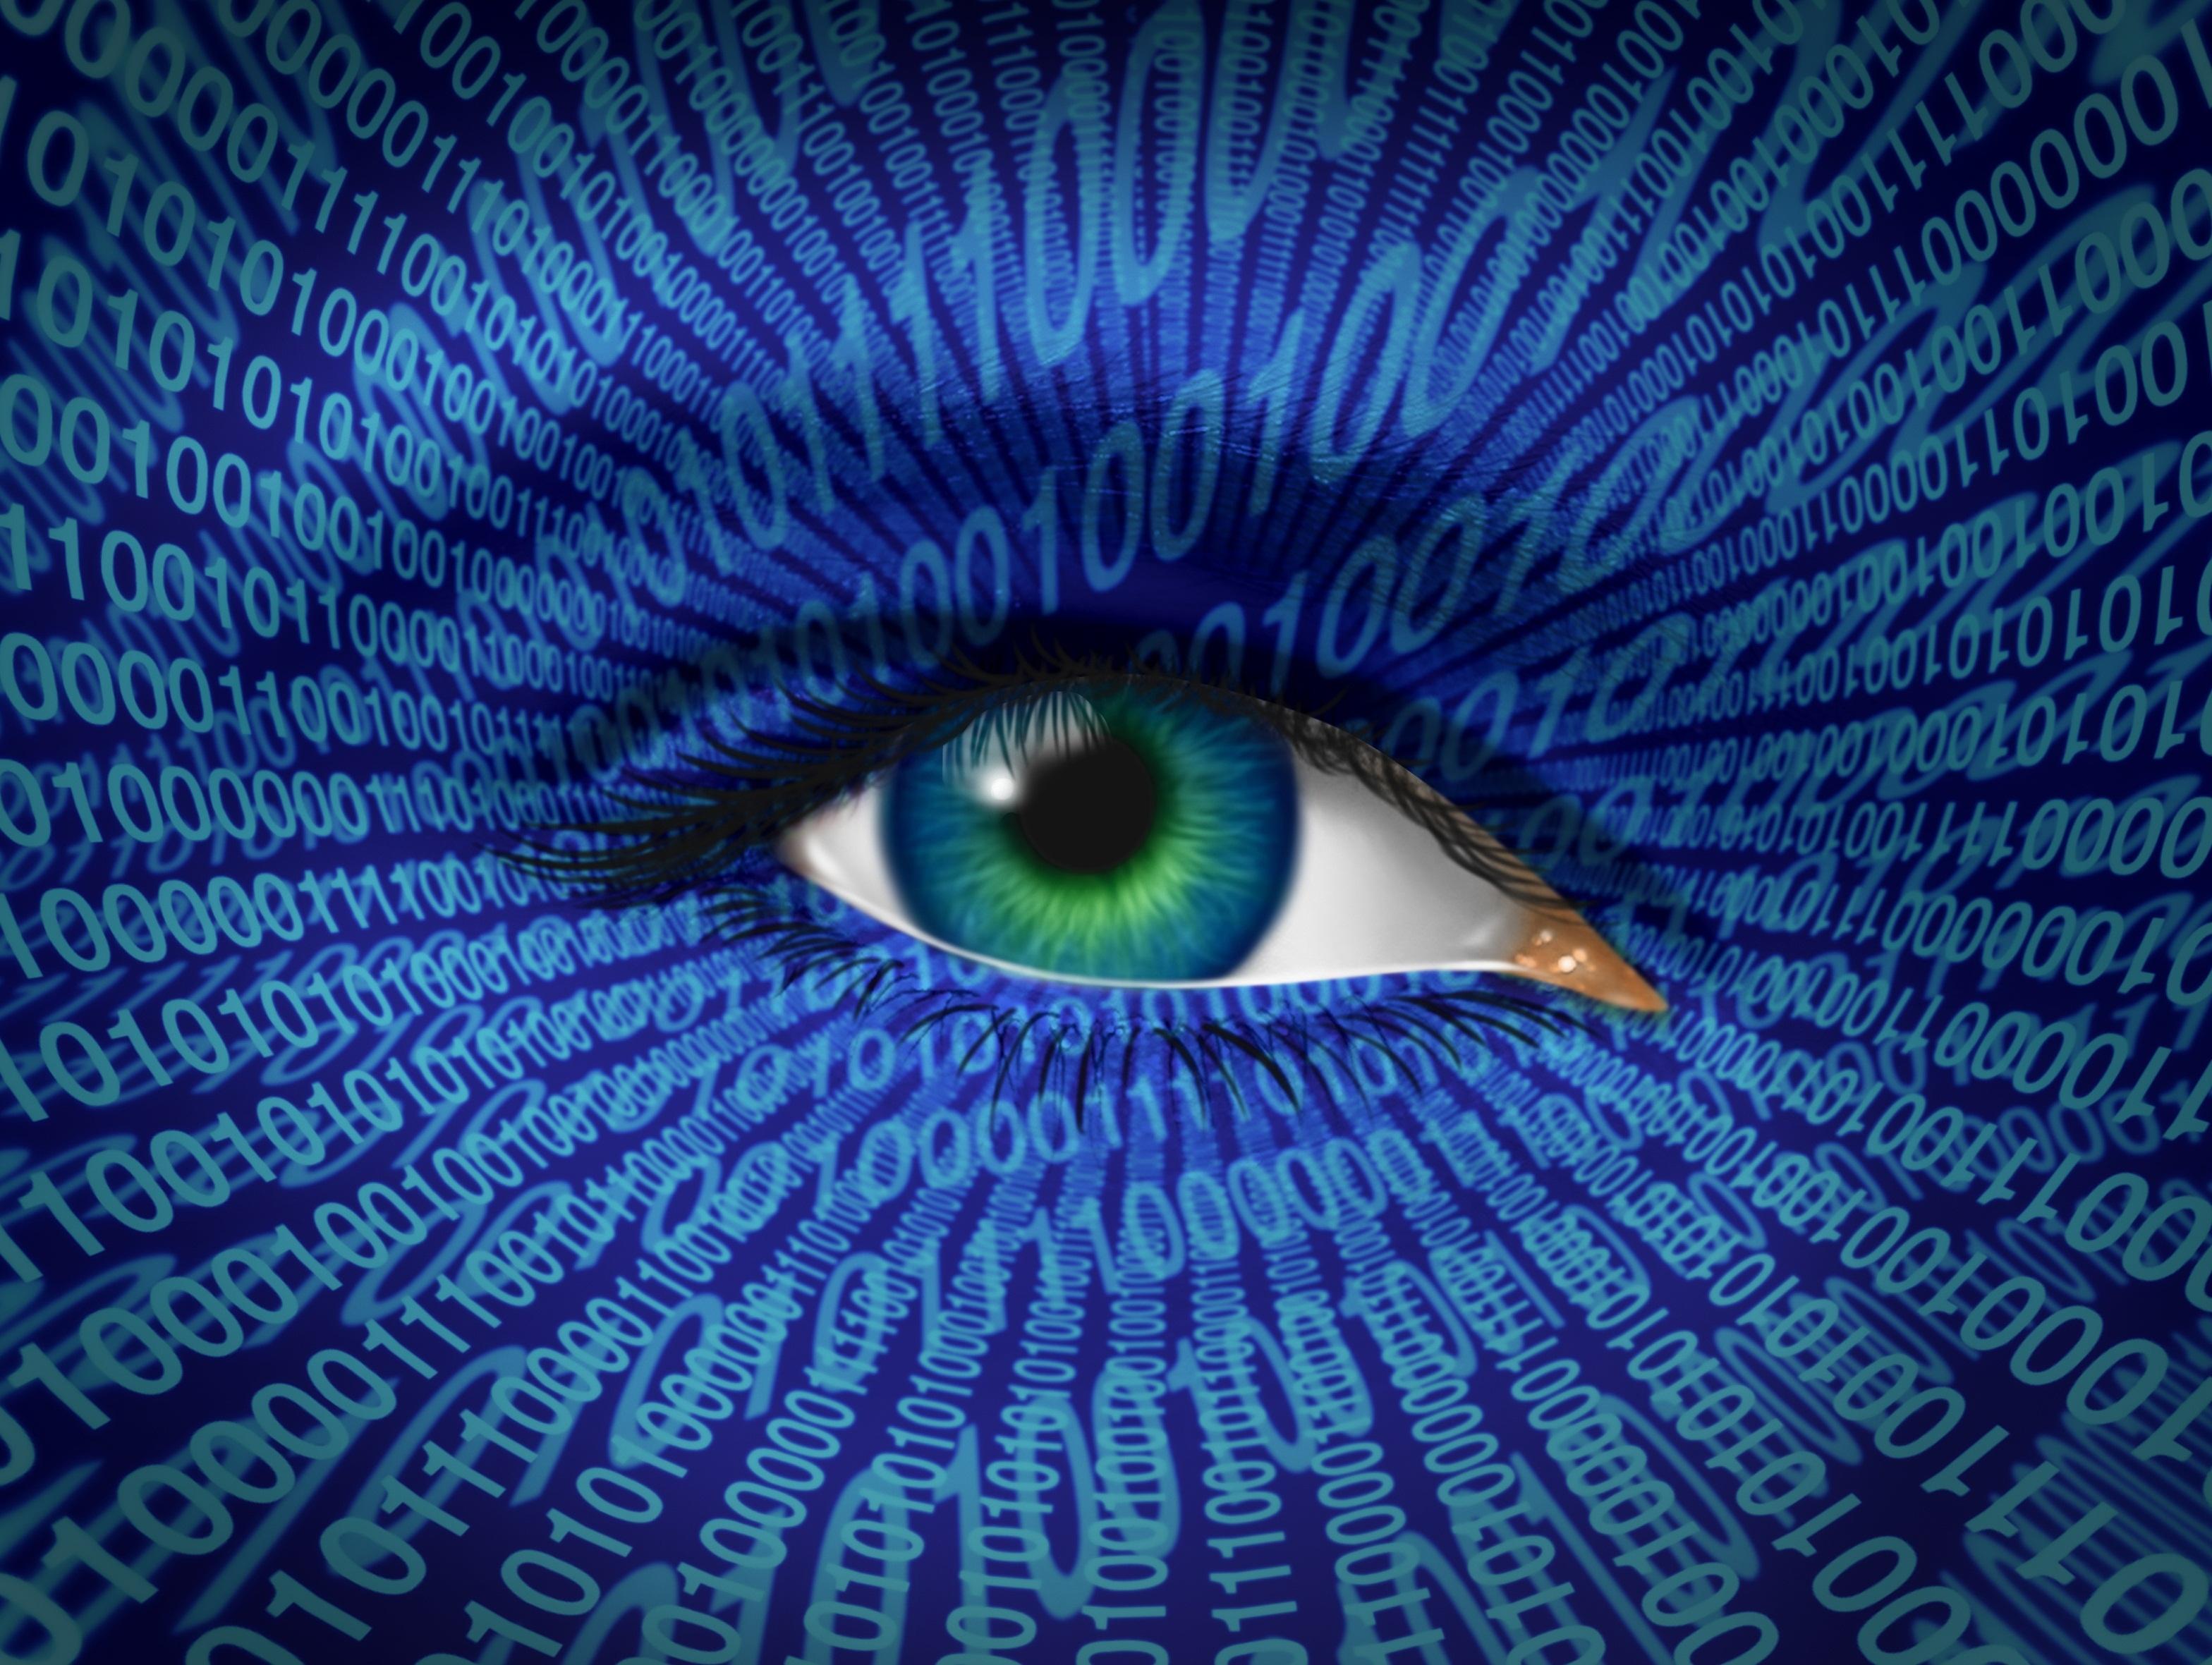 drug data surveillance2.jpg